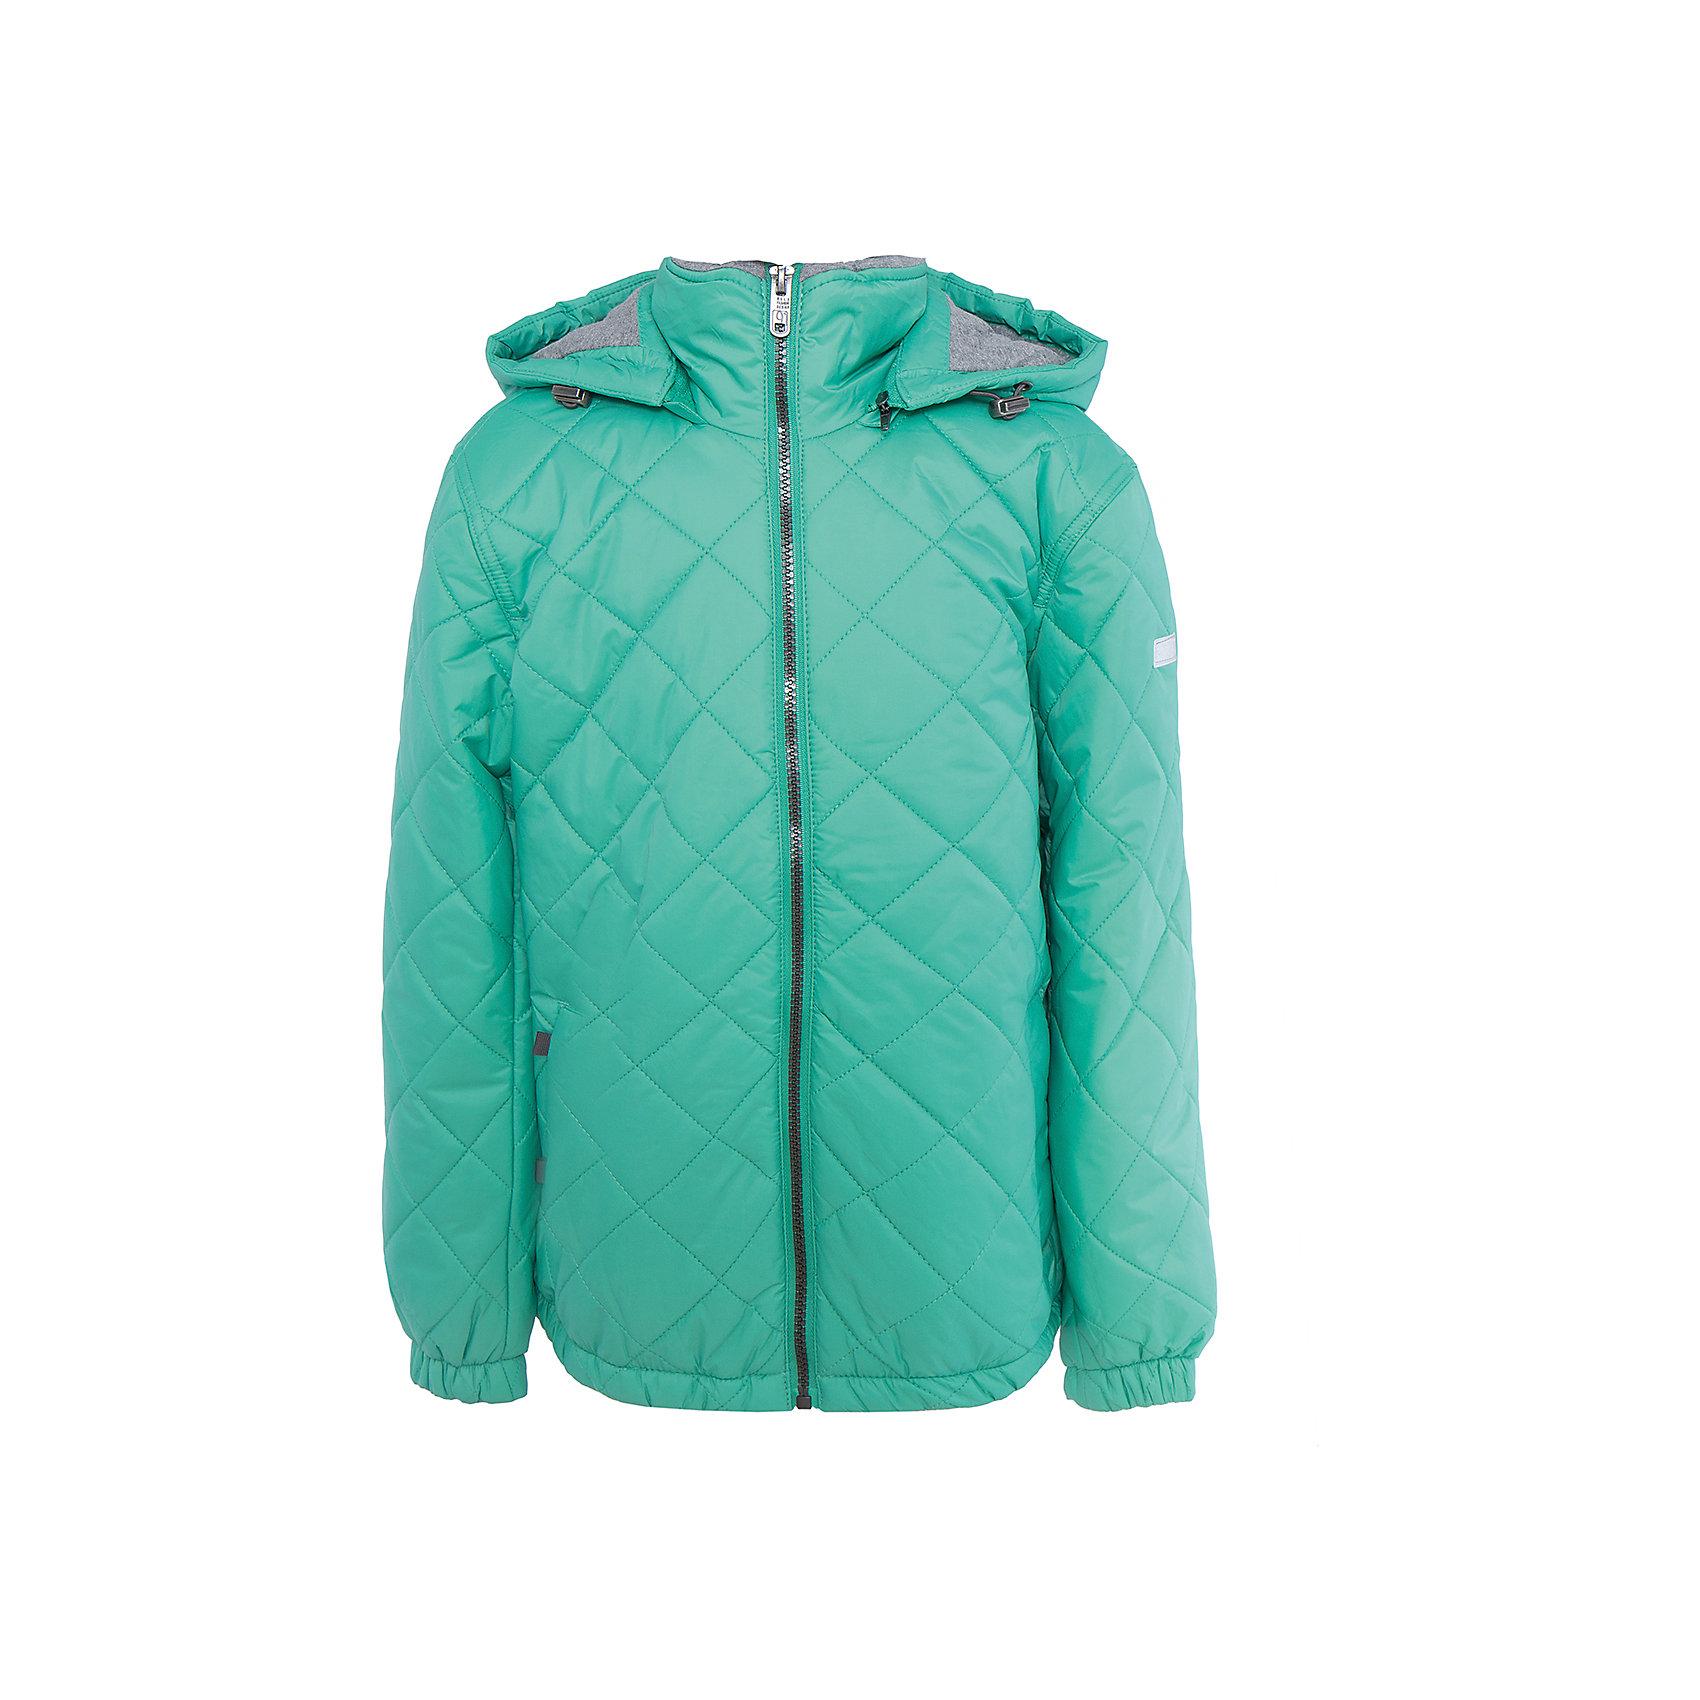 Куртка для мальчика SELAВерхняя одежда<br>Характеристики товара:<br><br>• цвет: зеленый<br>• состав: 100% нейлон<br>• температурный режим: от +5°до +15°С<br>• подкладка: 100% хлопок<br>• утеплитель: 100% полиэстер<br>• демисезон<br>• воротник-стойка<br>• молния<br>• стеганая<br>• капюшон с кулиской<br>• капюшон съёмный<br>• два кармана на кнопках<br>• коллекция весна-лето 2017<br>• страна бренда: Российская Федерация<br>• страна производитель: Китай<br><br>Вещи из новой коллекции SELA продолжают радовать удобством! Легкая куртка для мальчика поможет разнообразить гардероб ребенка и обеспечить комфорт. Она отлично сочетается с джинсами и брюками. Очень стильно смотрится!<br><br>Одежда, обувь и аксессуары от российского бренда SELA не зря пользуются большой популярностью у детей и взрослых! Модели этой марки - стильные и удобные, цена при этом неизменно остается доступной. Для их производства используются только безопасные, качественные материалы и фурнитура. Новая коллекция поддерживает хорошие традиции бренда! <br><br>Куртку для мальчика от популярного бренда SELA (СЕЛА) можно купить в нашем интернет-магазине.<br><br>Ширина мм: 356<br>Глубина мм: 10<br>Высота мм: 245<br>Вес г: 519<br>Цвет: зеленый<br>Возраст от месяцев: 84<br>Возраст до месяцев: 96<br>Пол: Мужской<br>Возраст: Детский<br>Размер: 128,140,152,116<br>SKU: 5305133